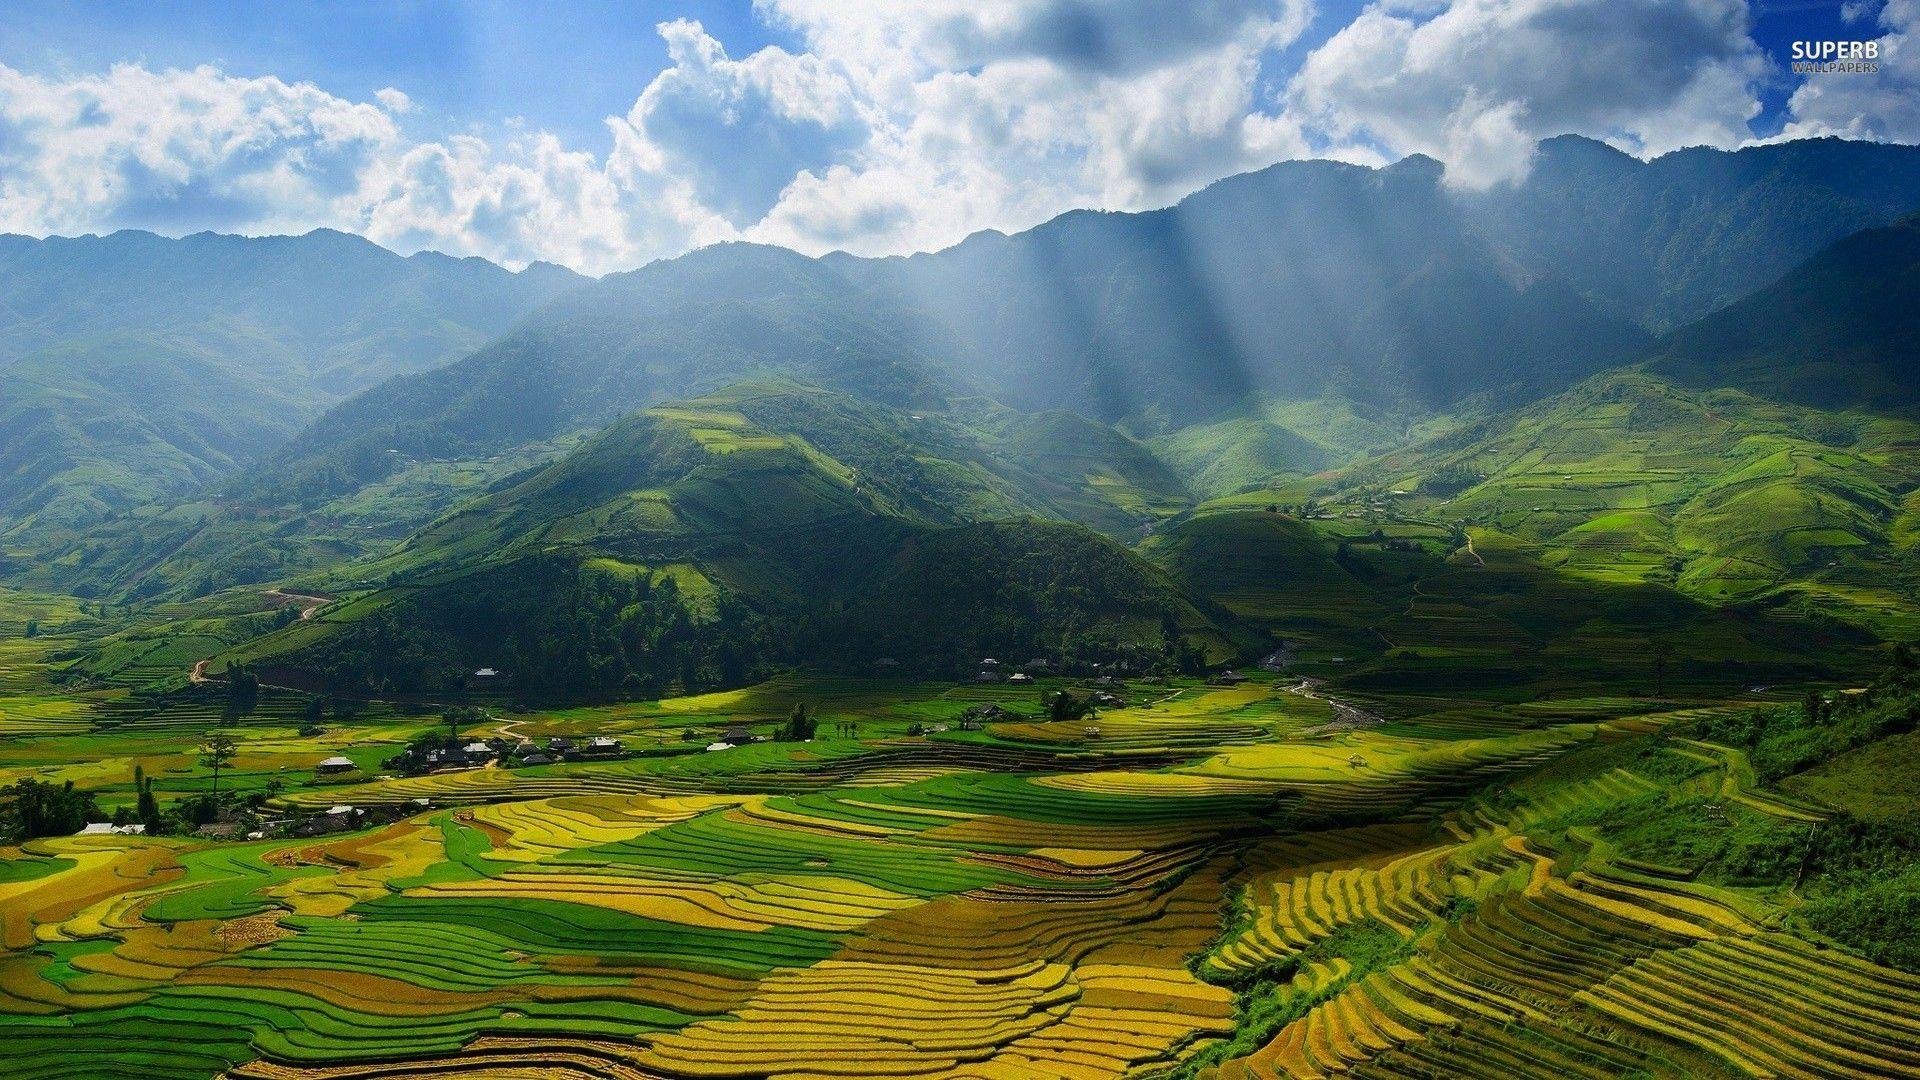 yen bai vietnam wallpaper